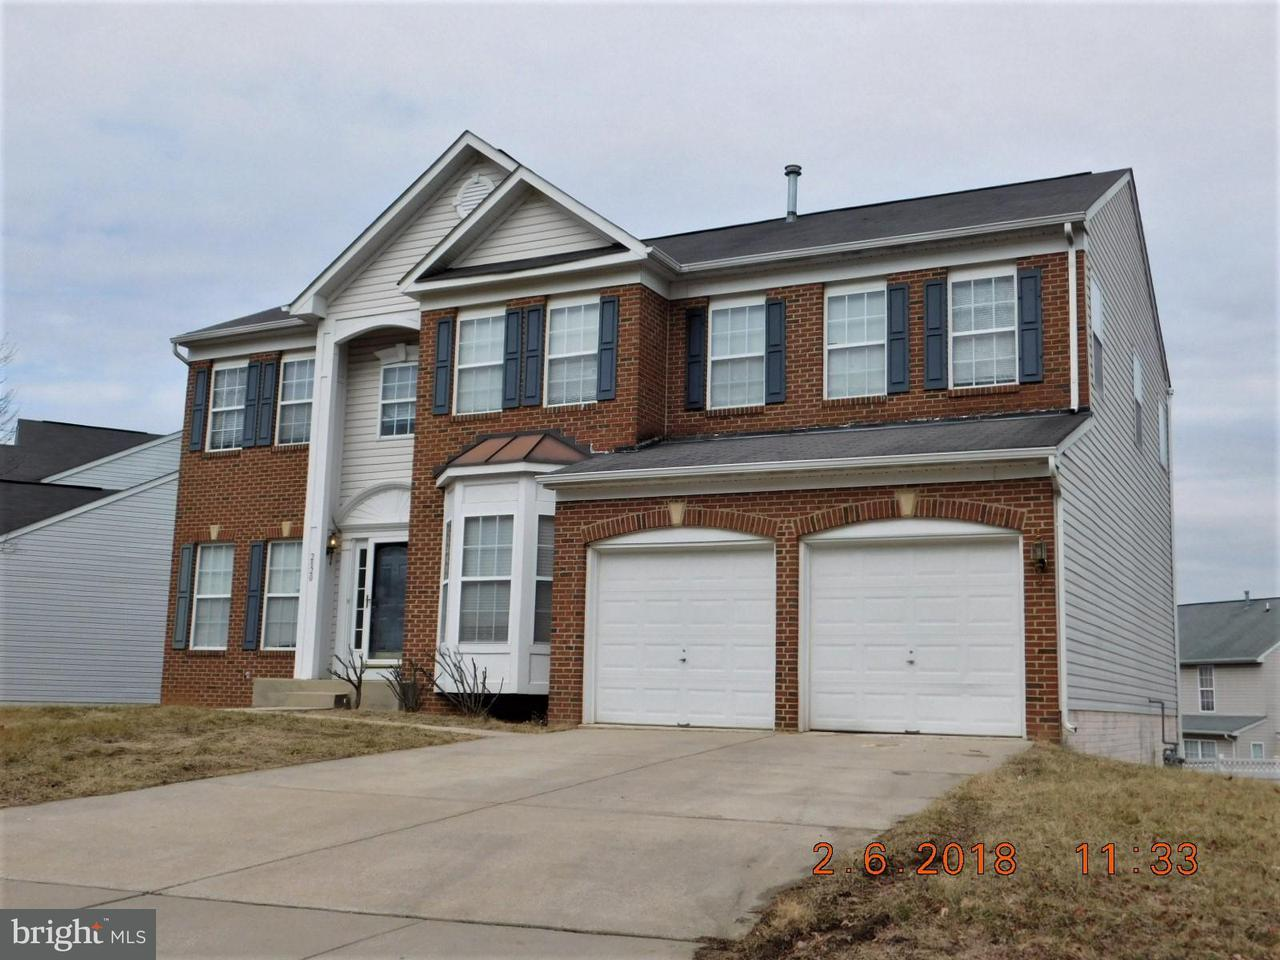 Casa Unifamiliar por un Venta en 2820 Citrus Lane 2820 Citrus Lane Springdale, Maryland 20774 Estados Unidos